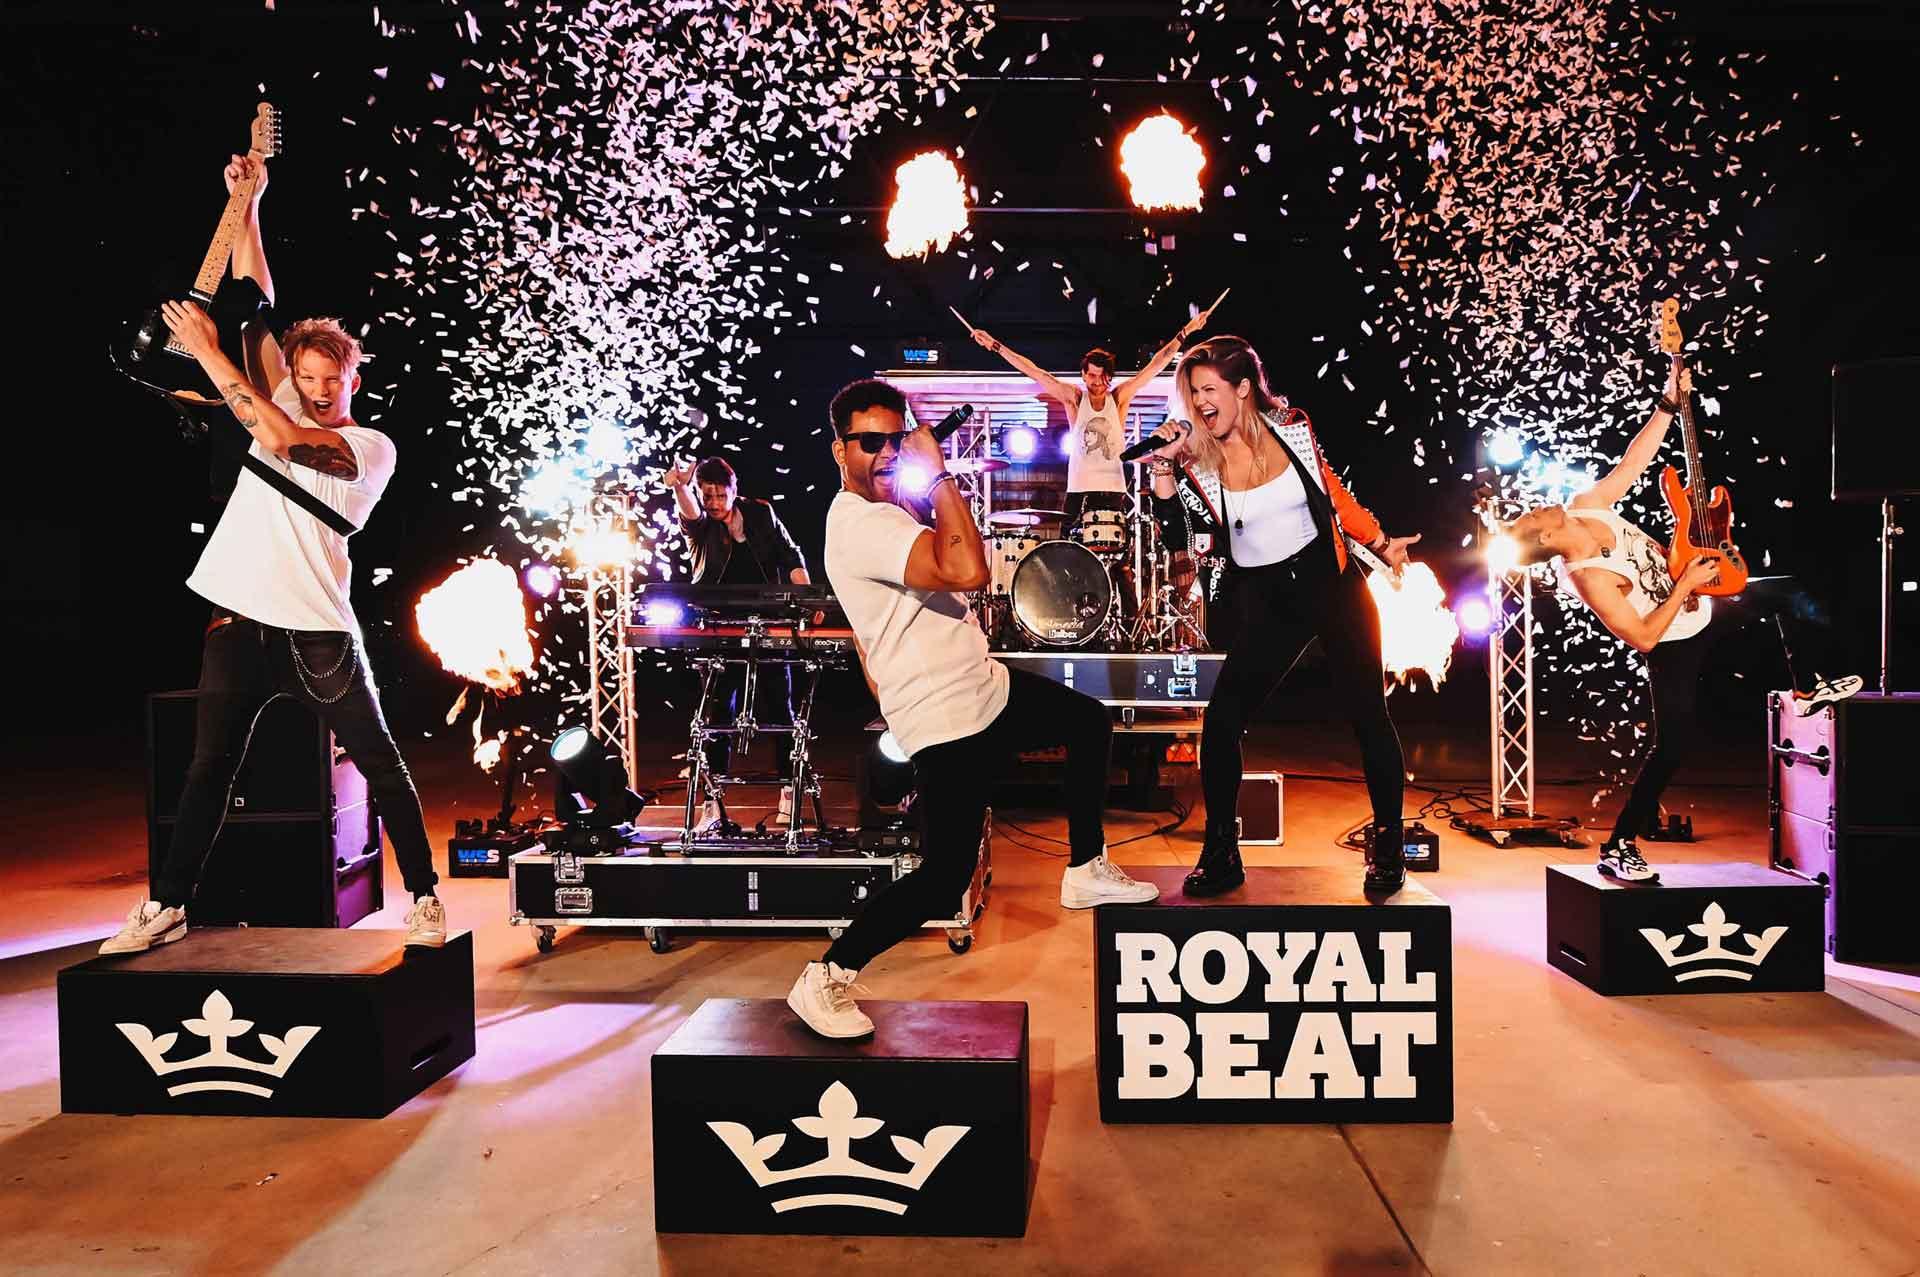 Coverband Royal Beat